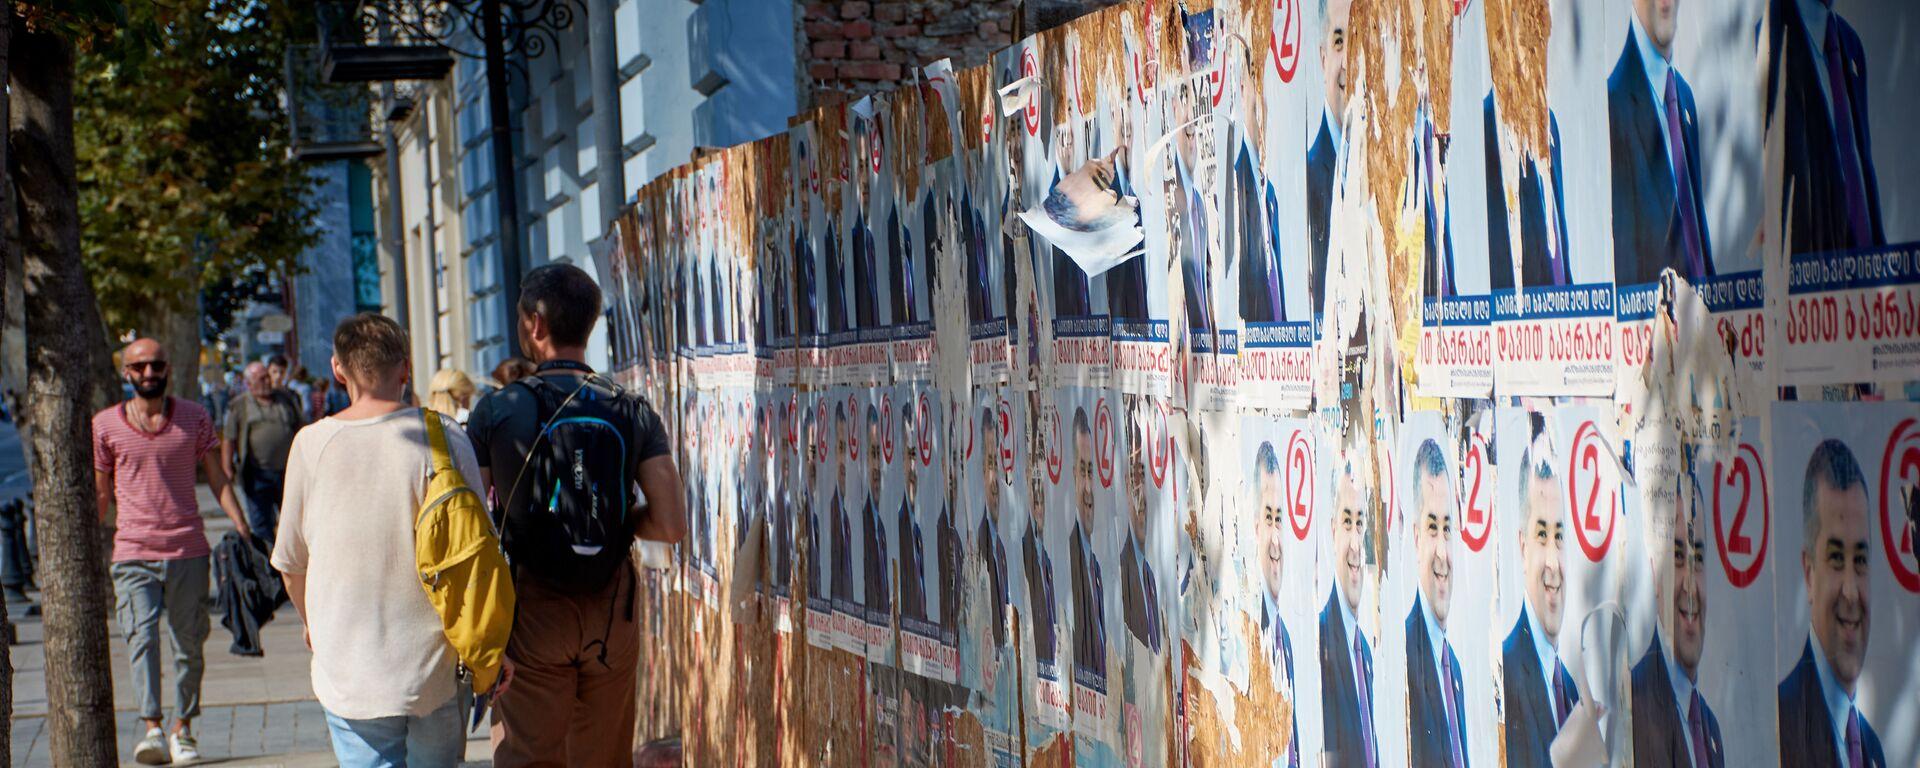 Люди идут по проспекту Агмашенебели мимо предвыборных плакатов - Sputnik Грузия, 1920, 28.09.2021